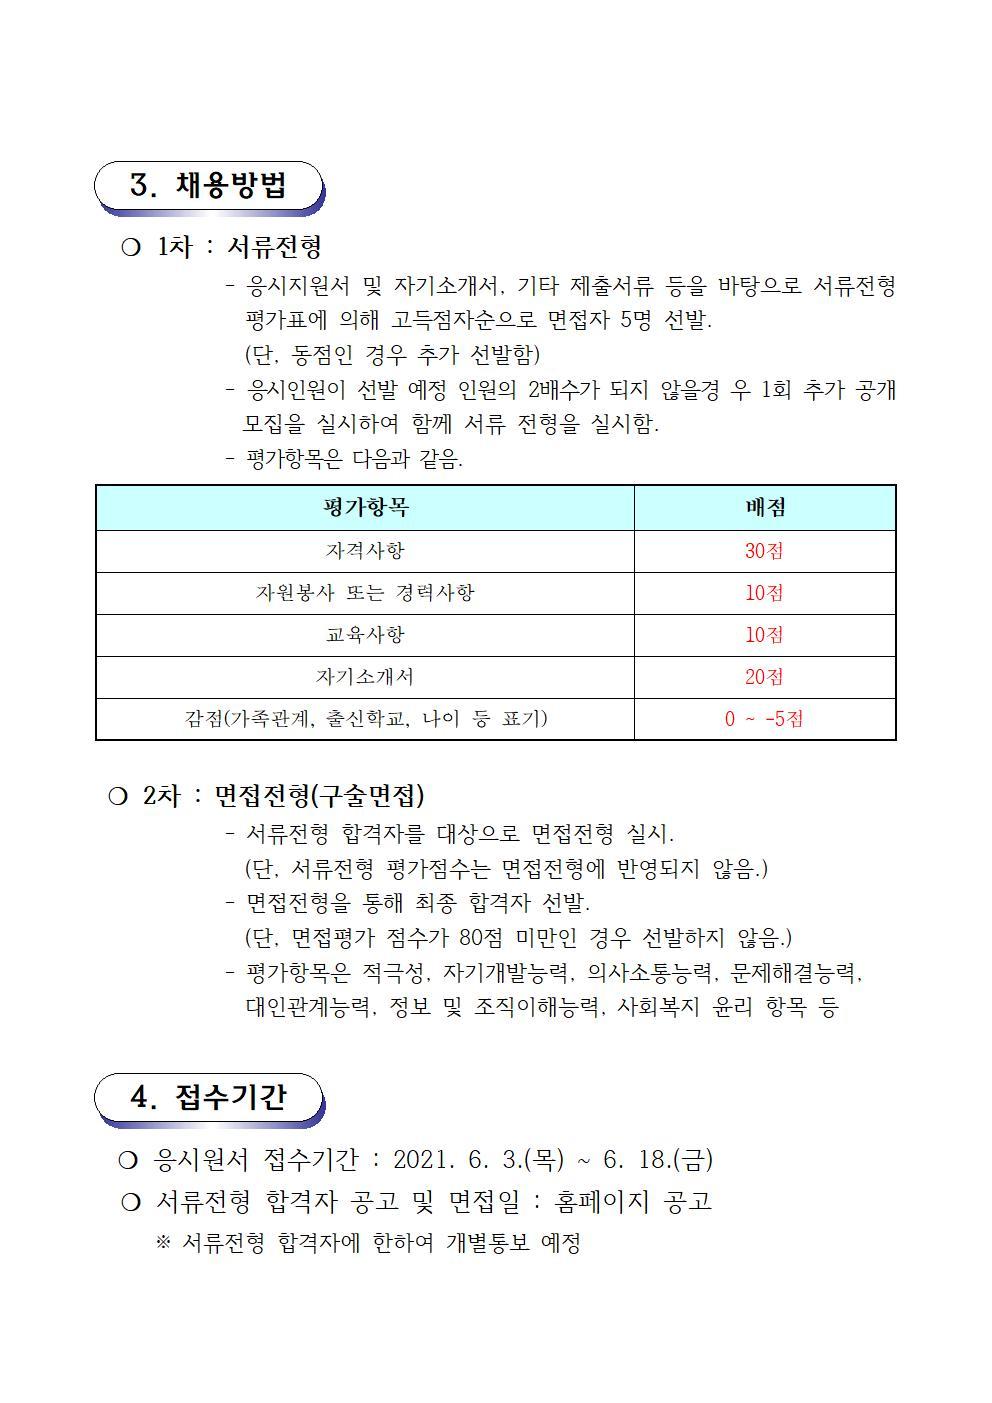 채용공고문 (2021.6.)전담인력002.jpg